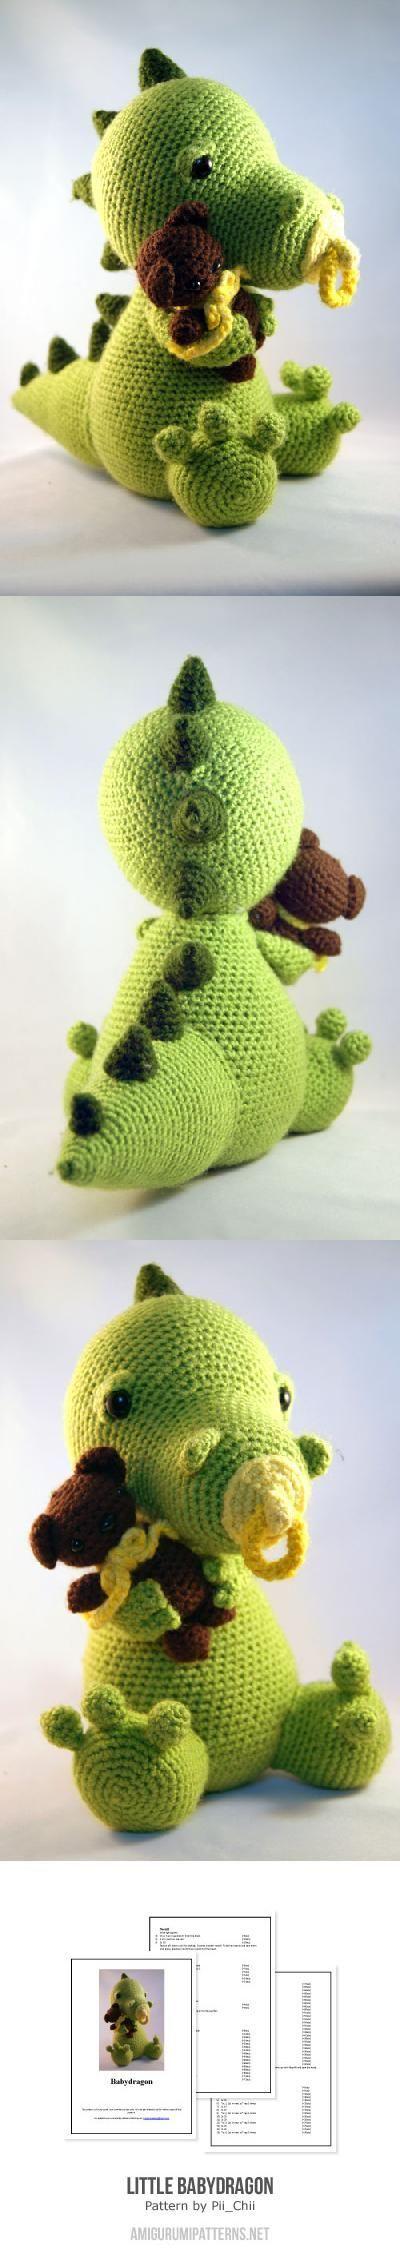 Little babydragon amigurumi pattern by Pii_Chii | Pinterest | Häkeln ...